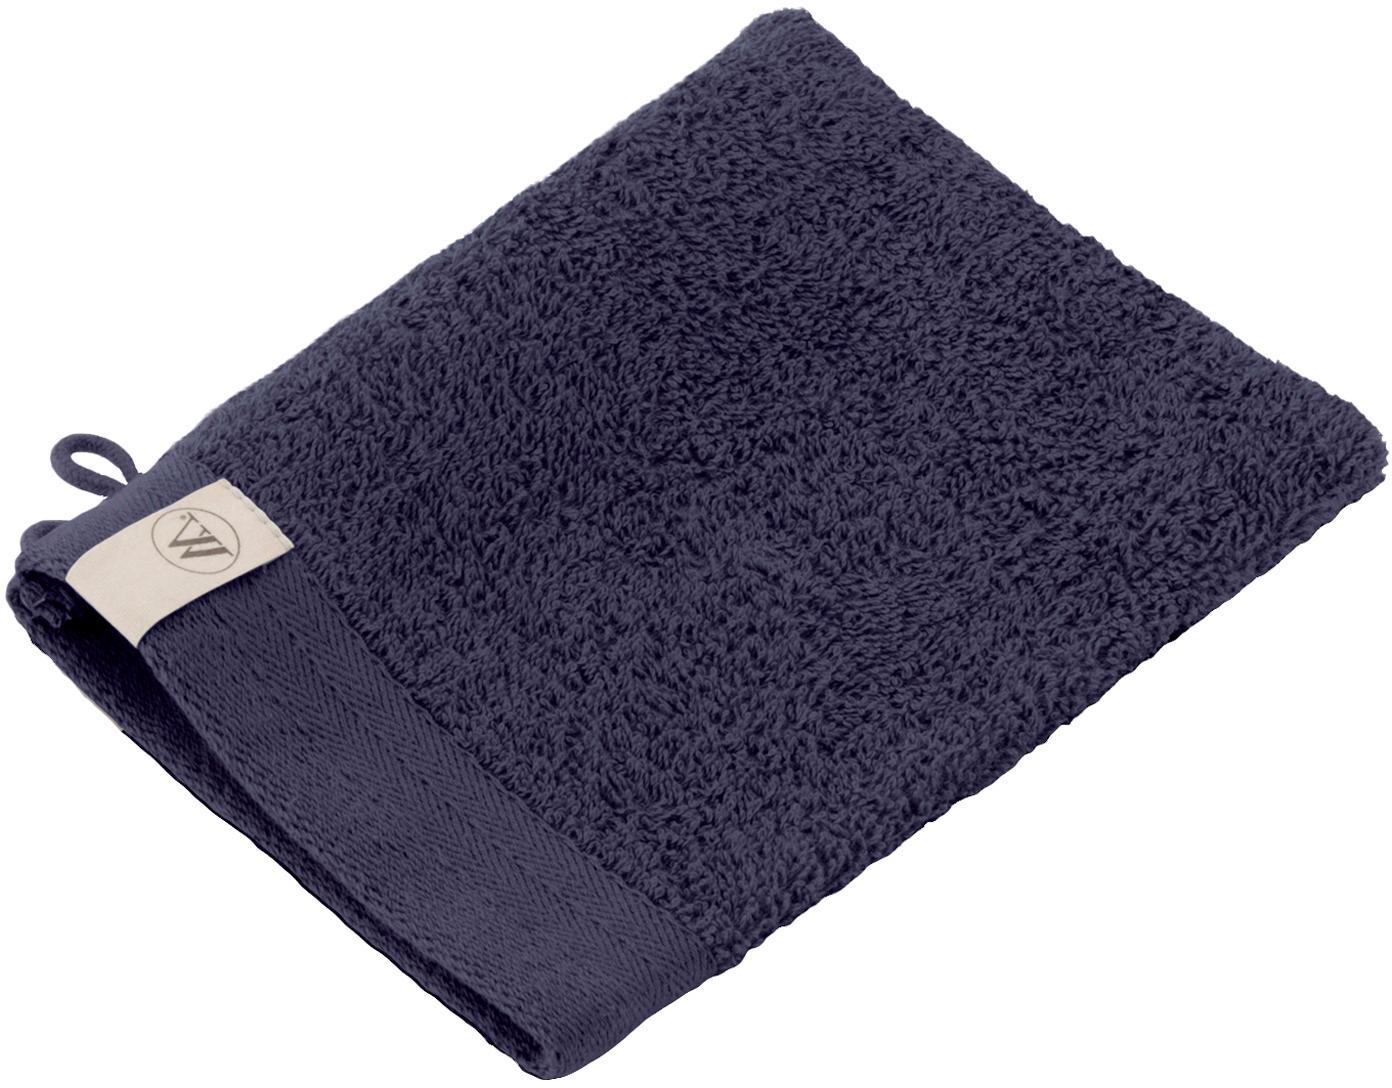 Washandjes Soft Cotton, 2 stuks, Katoen, middelzware kwaliteit, 550 g/m², Marineblauw, 16 x 21 cm